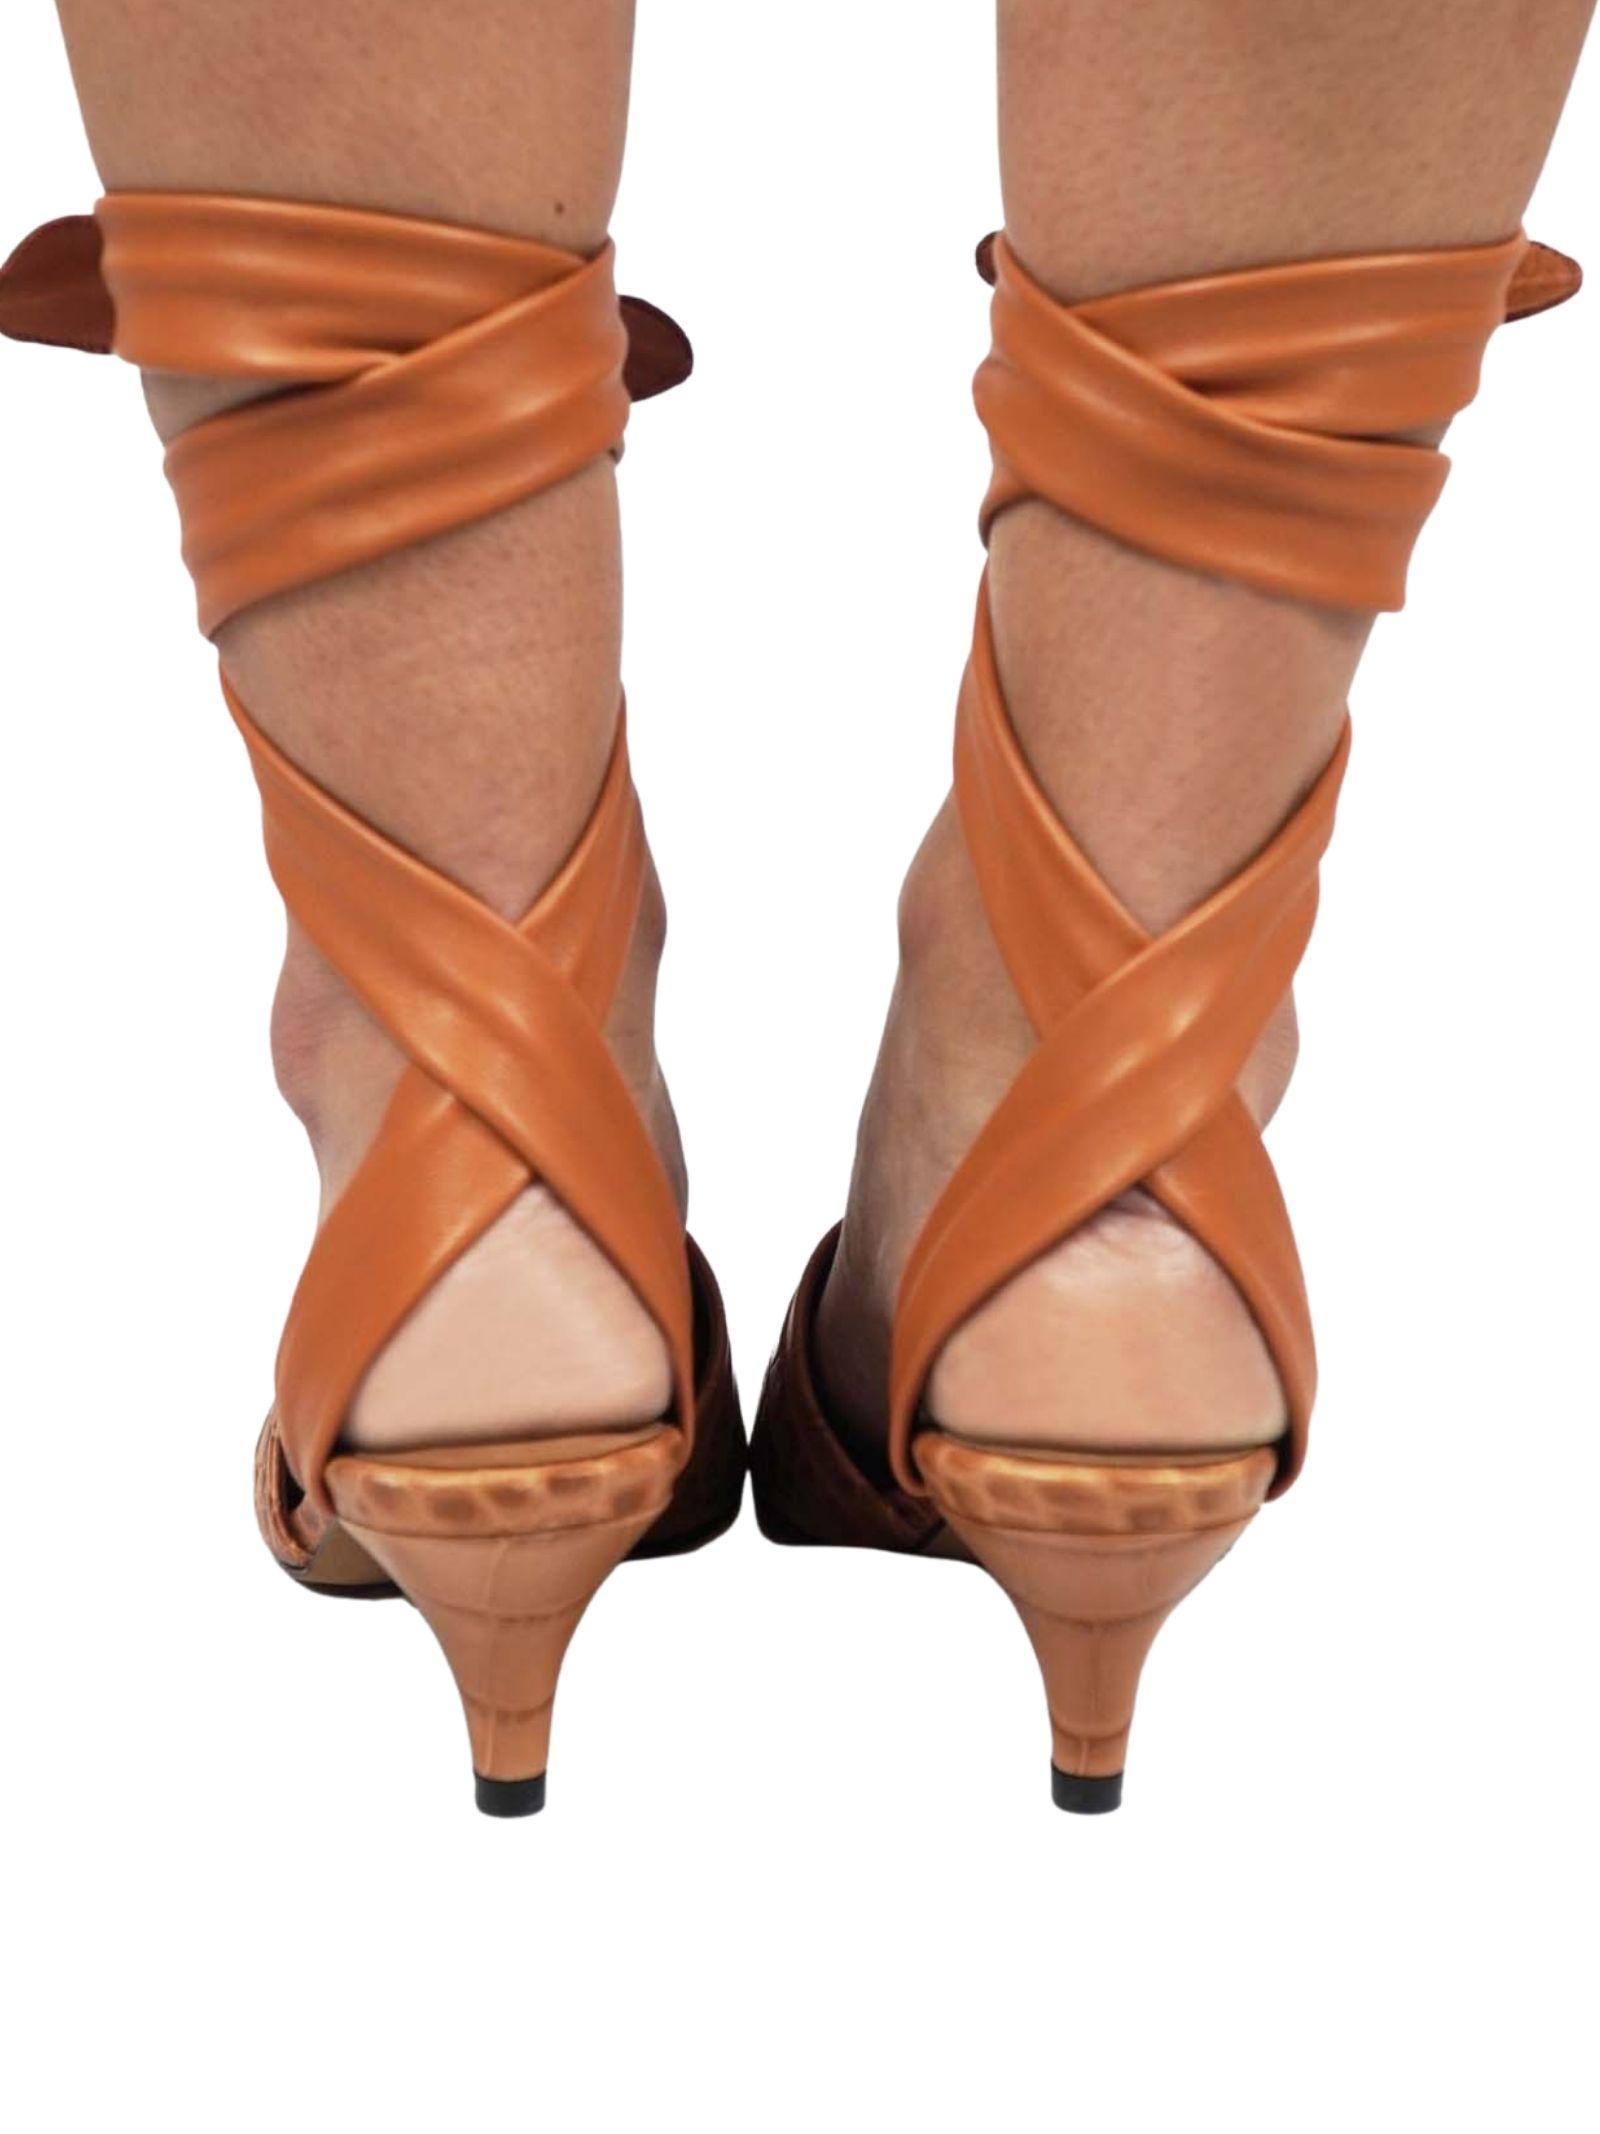 Calzature Donna Sandali in Pelle Cuoio Stampa Cocco con Lacci alla Caviglia in Pelle Tono su Tono Toral   Sandali   TL12634014